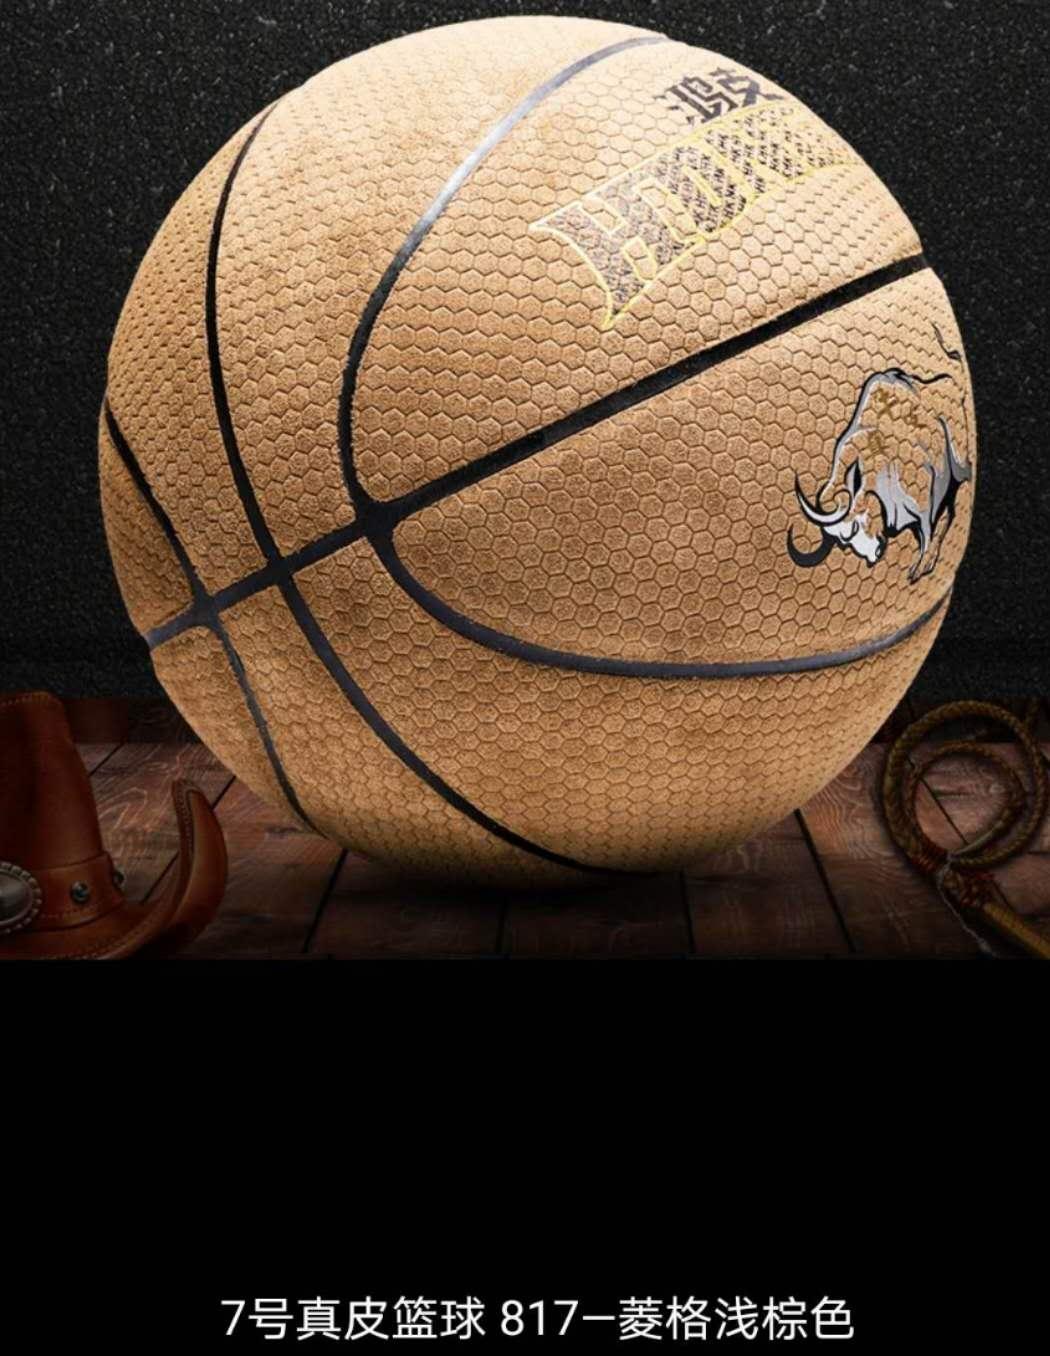 福建篮球批发_可信赖的篮球生产厂家